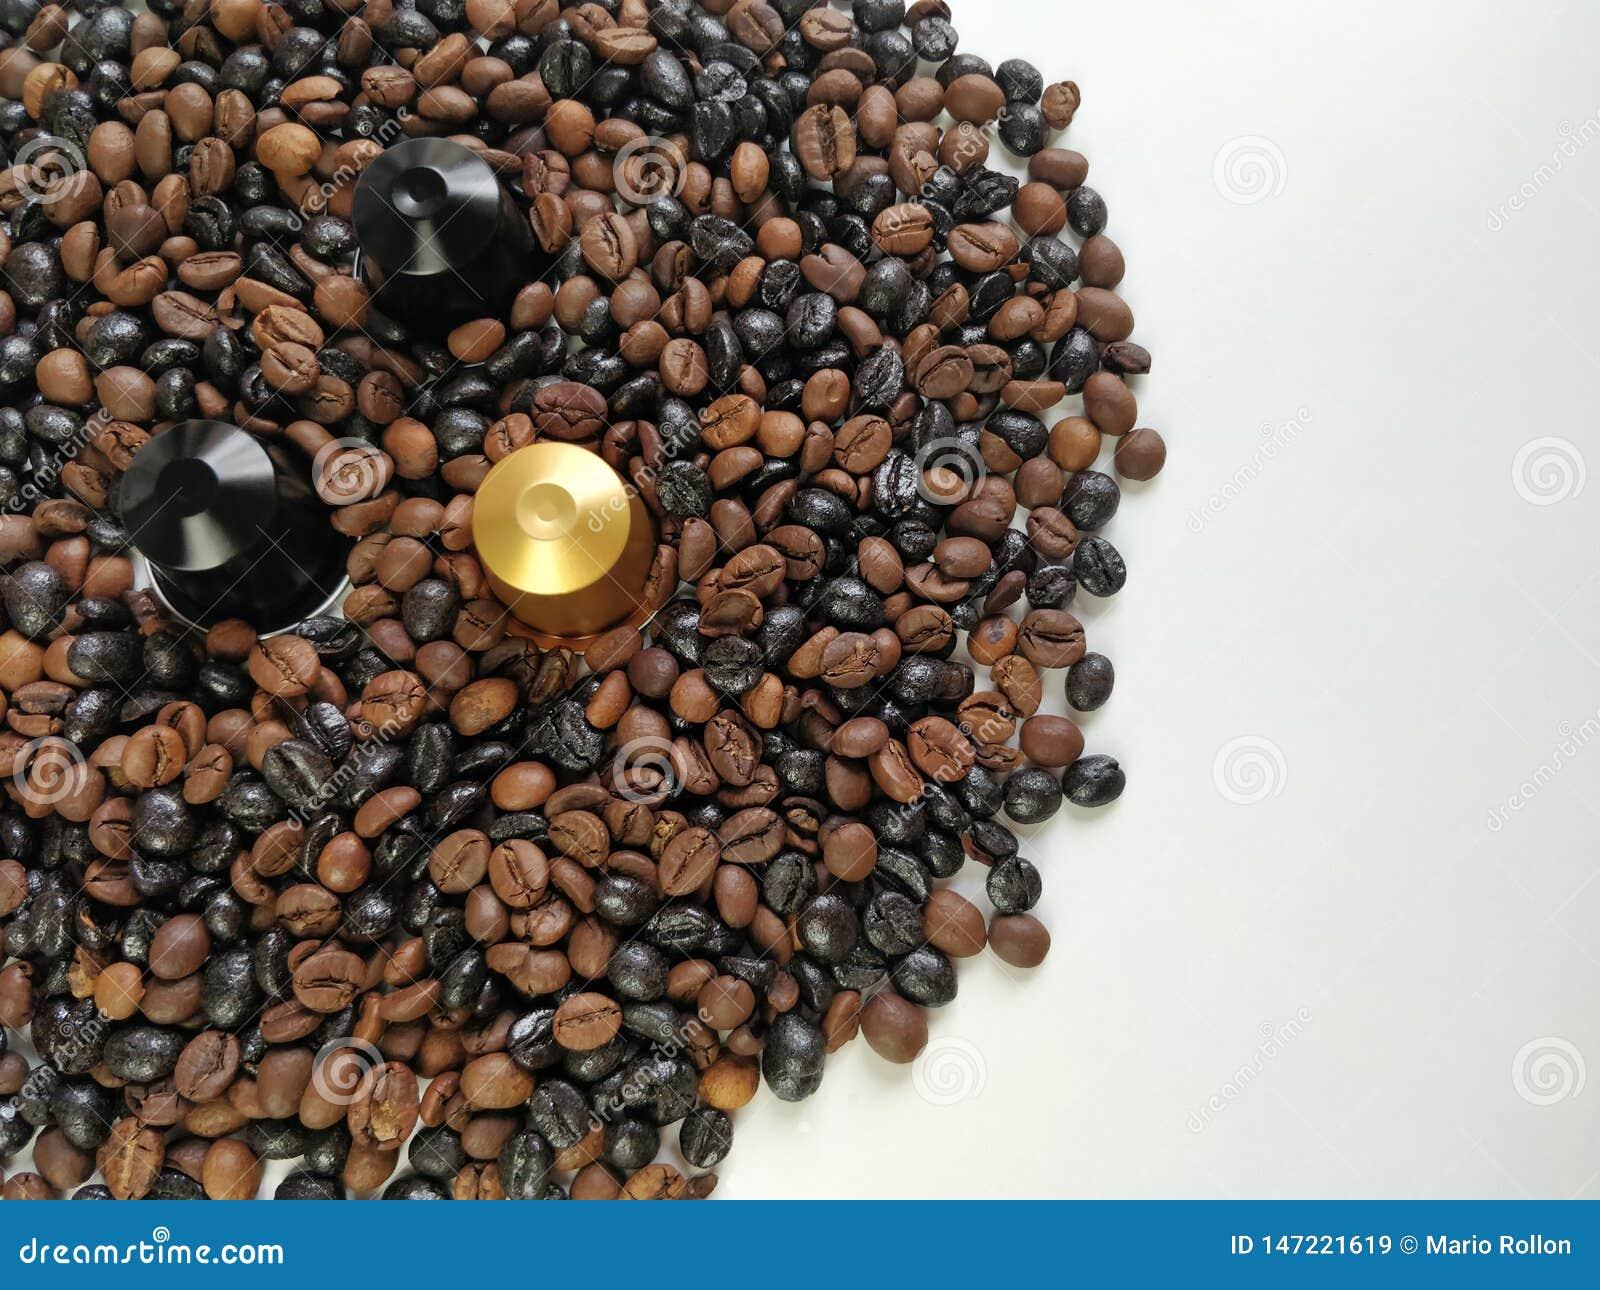 Στενή άποψη τριών καψών καφέ που περιβάλλονται από τα φασόλια καφέ με το κενό διάστημα